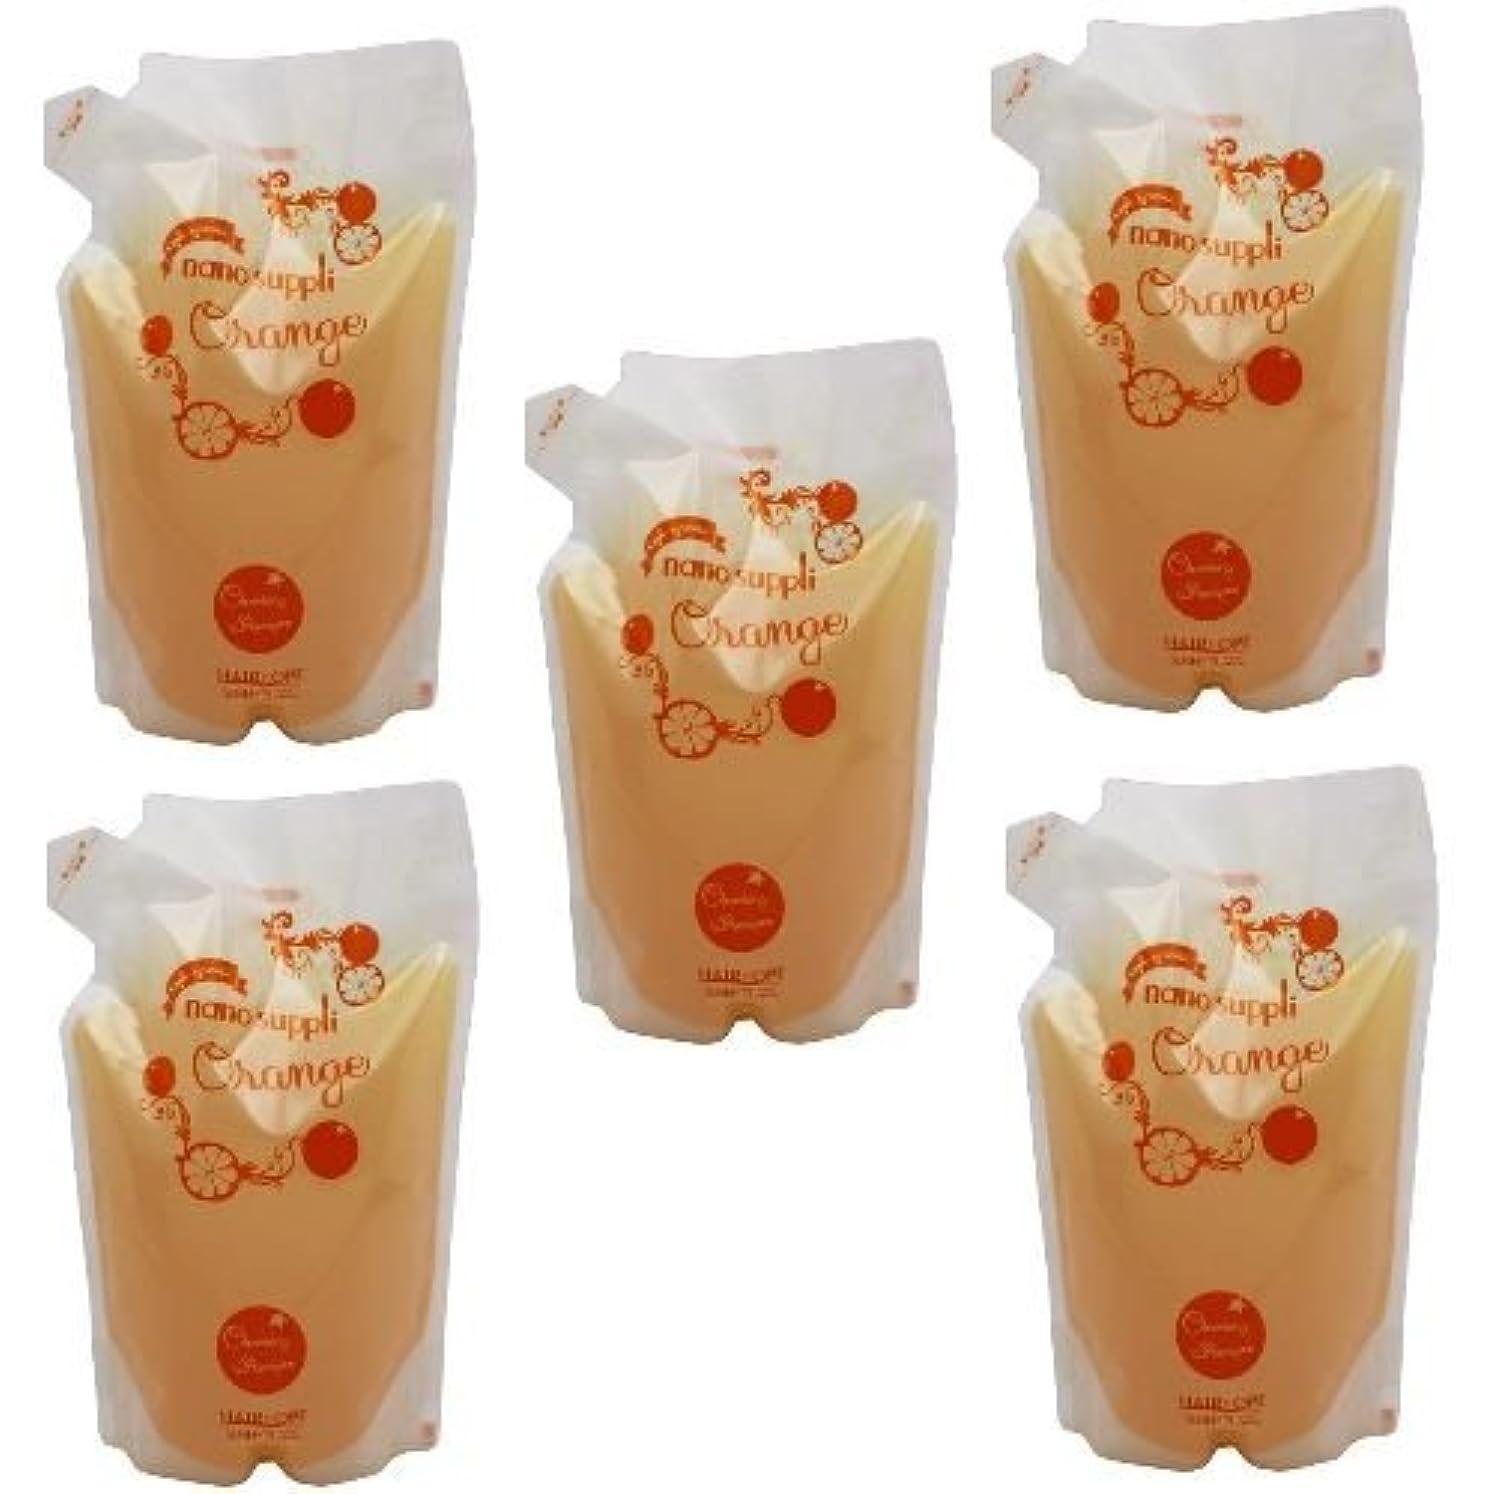 懸念暖かさ裁判官【x5個セット】 サニープレイス ナノサプリ ヘアクレンジングシャンプー オレンジ 800ml (詰替用)